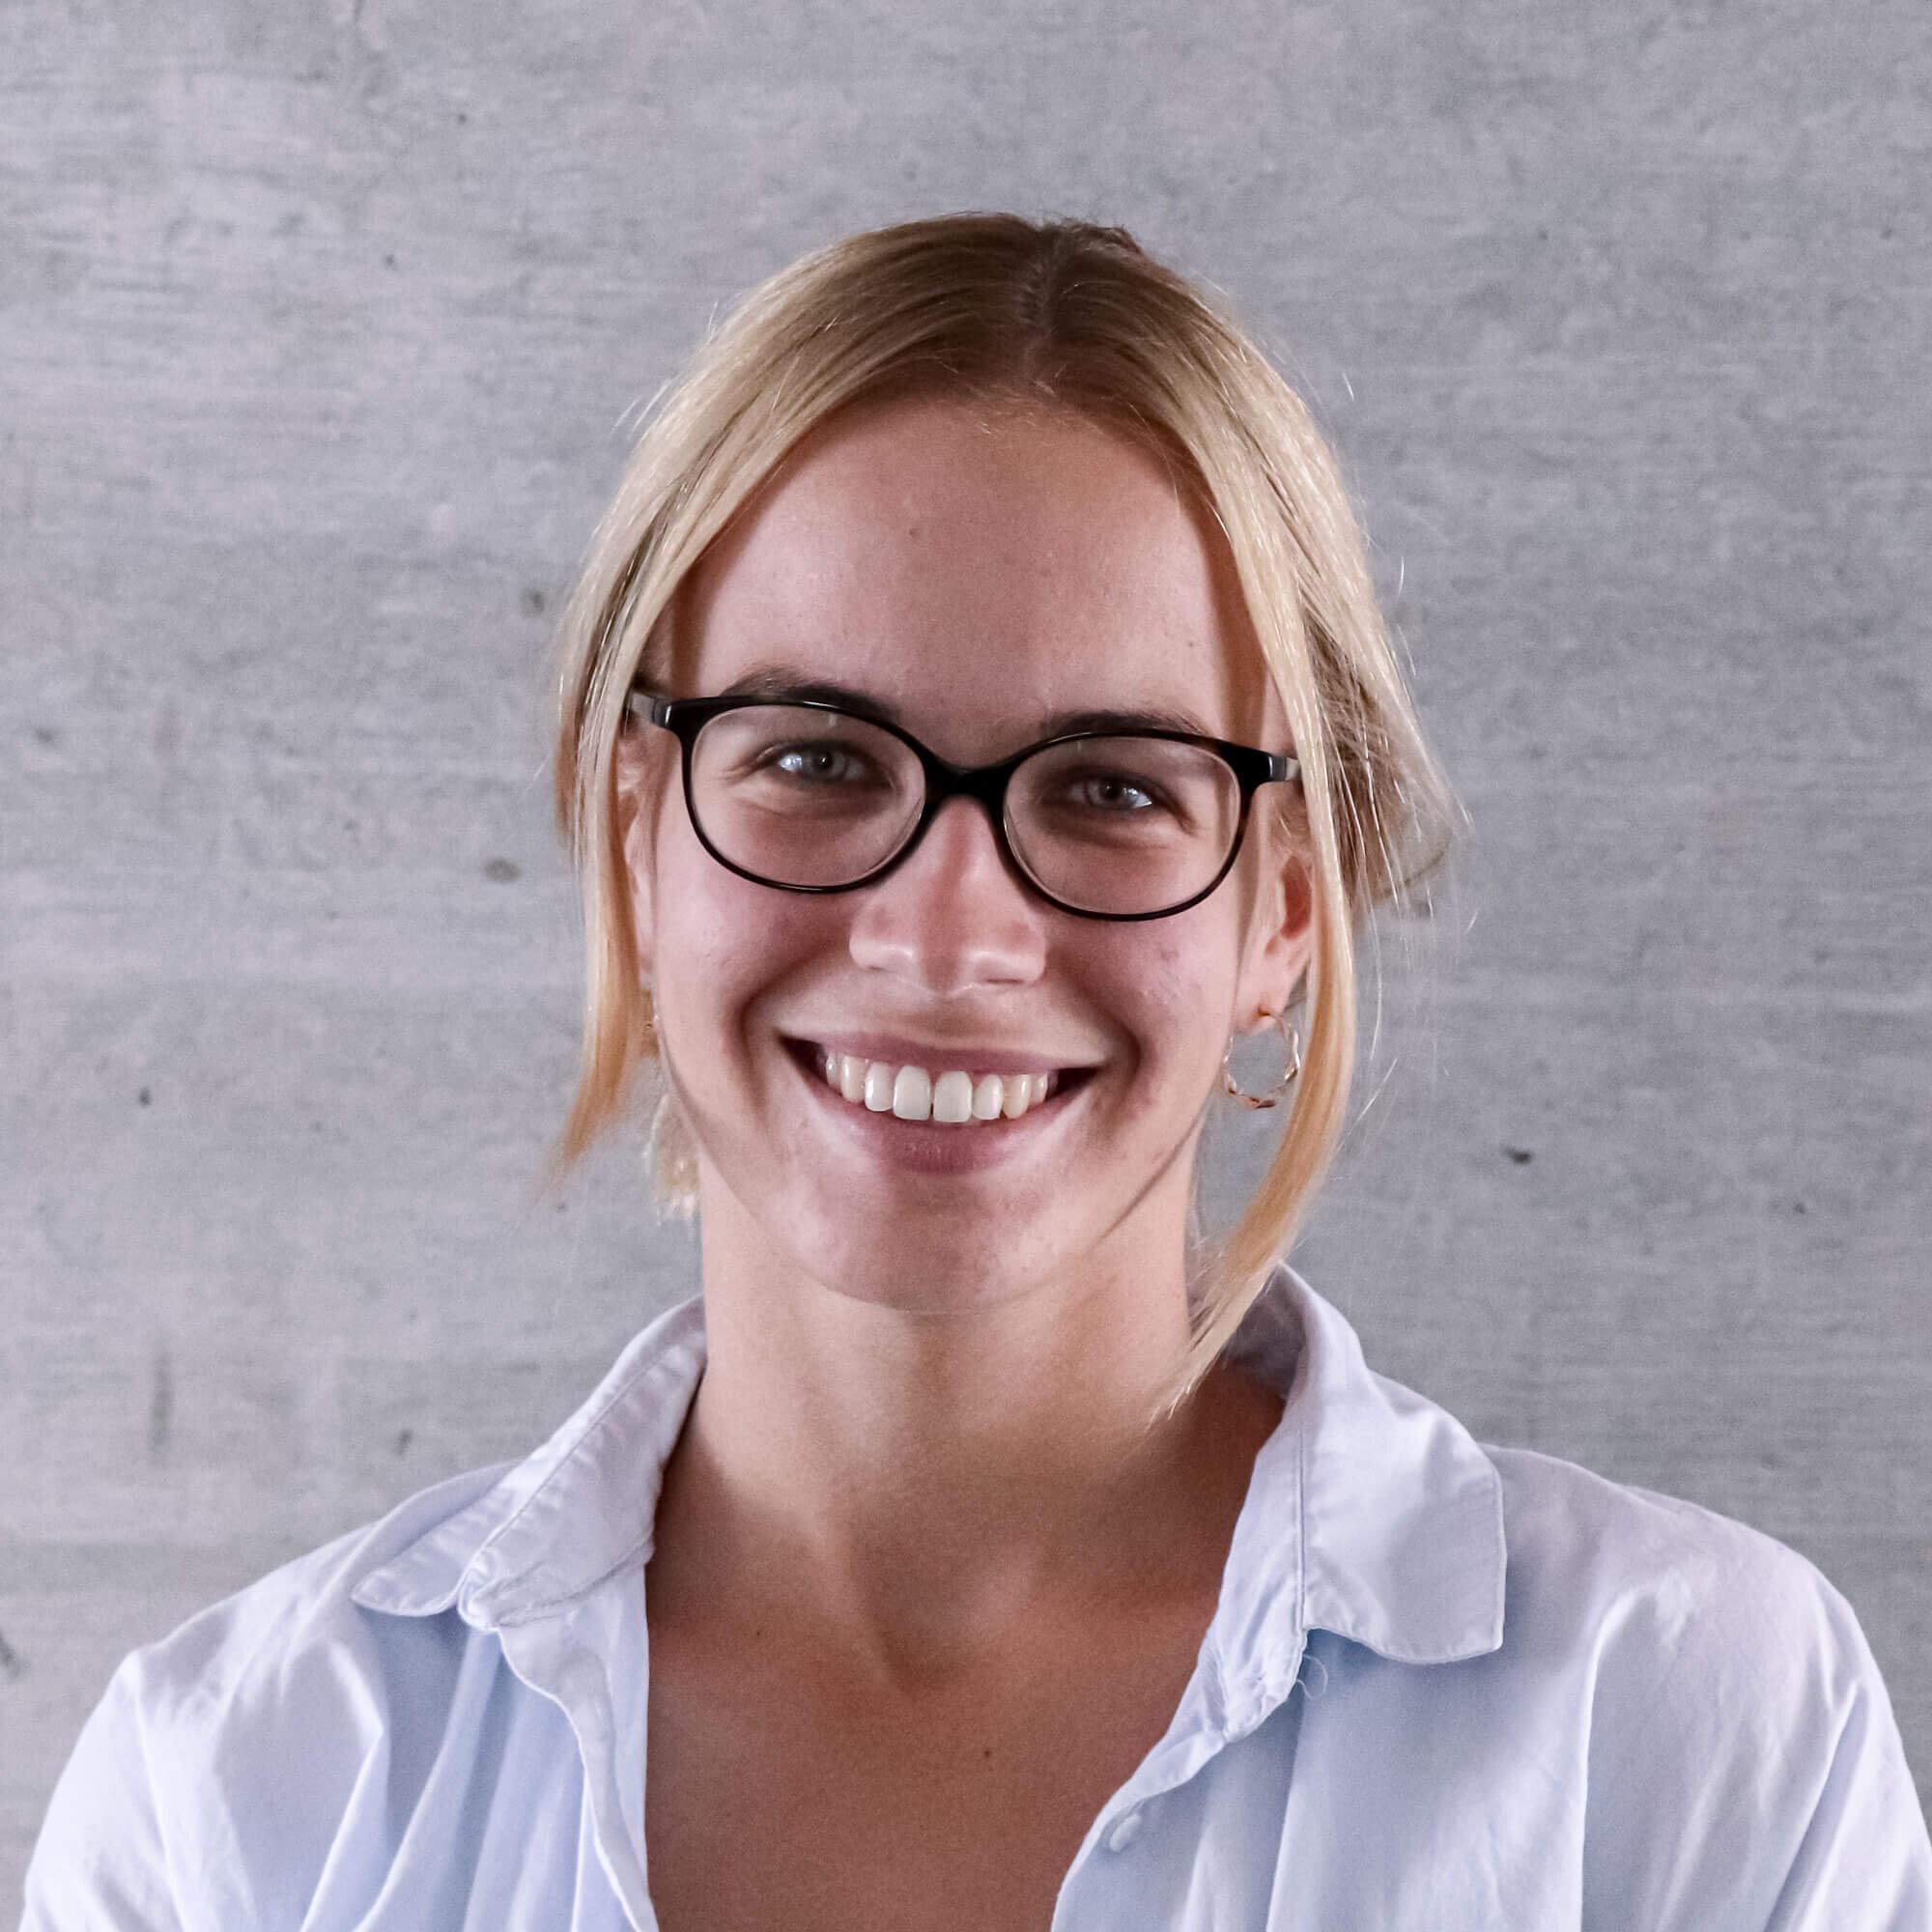 Melanie Winzenried